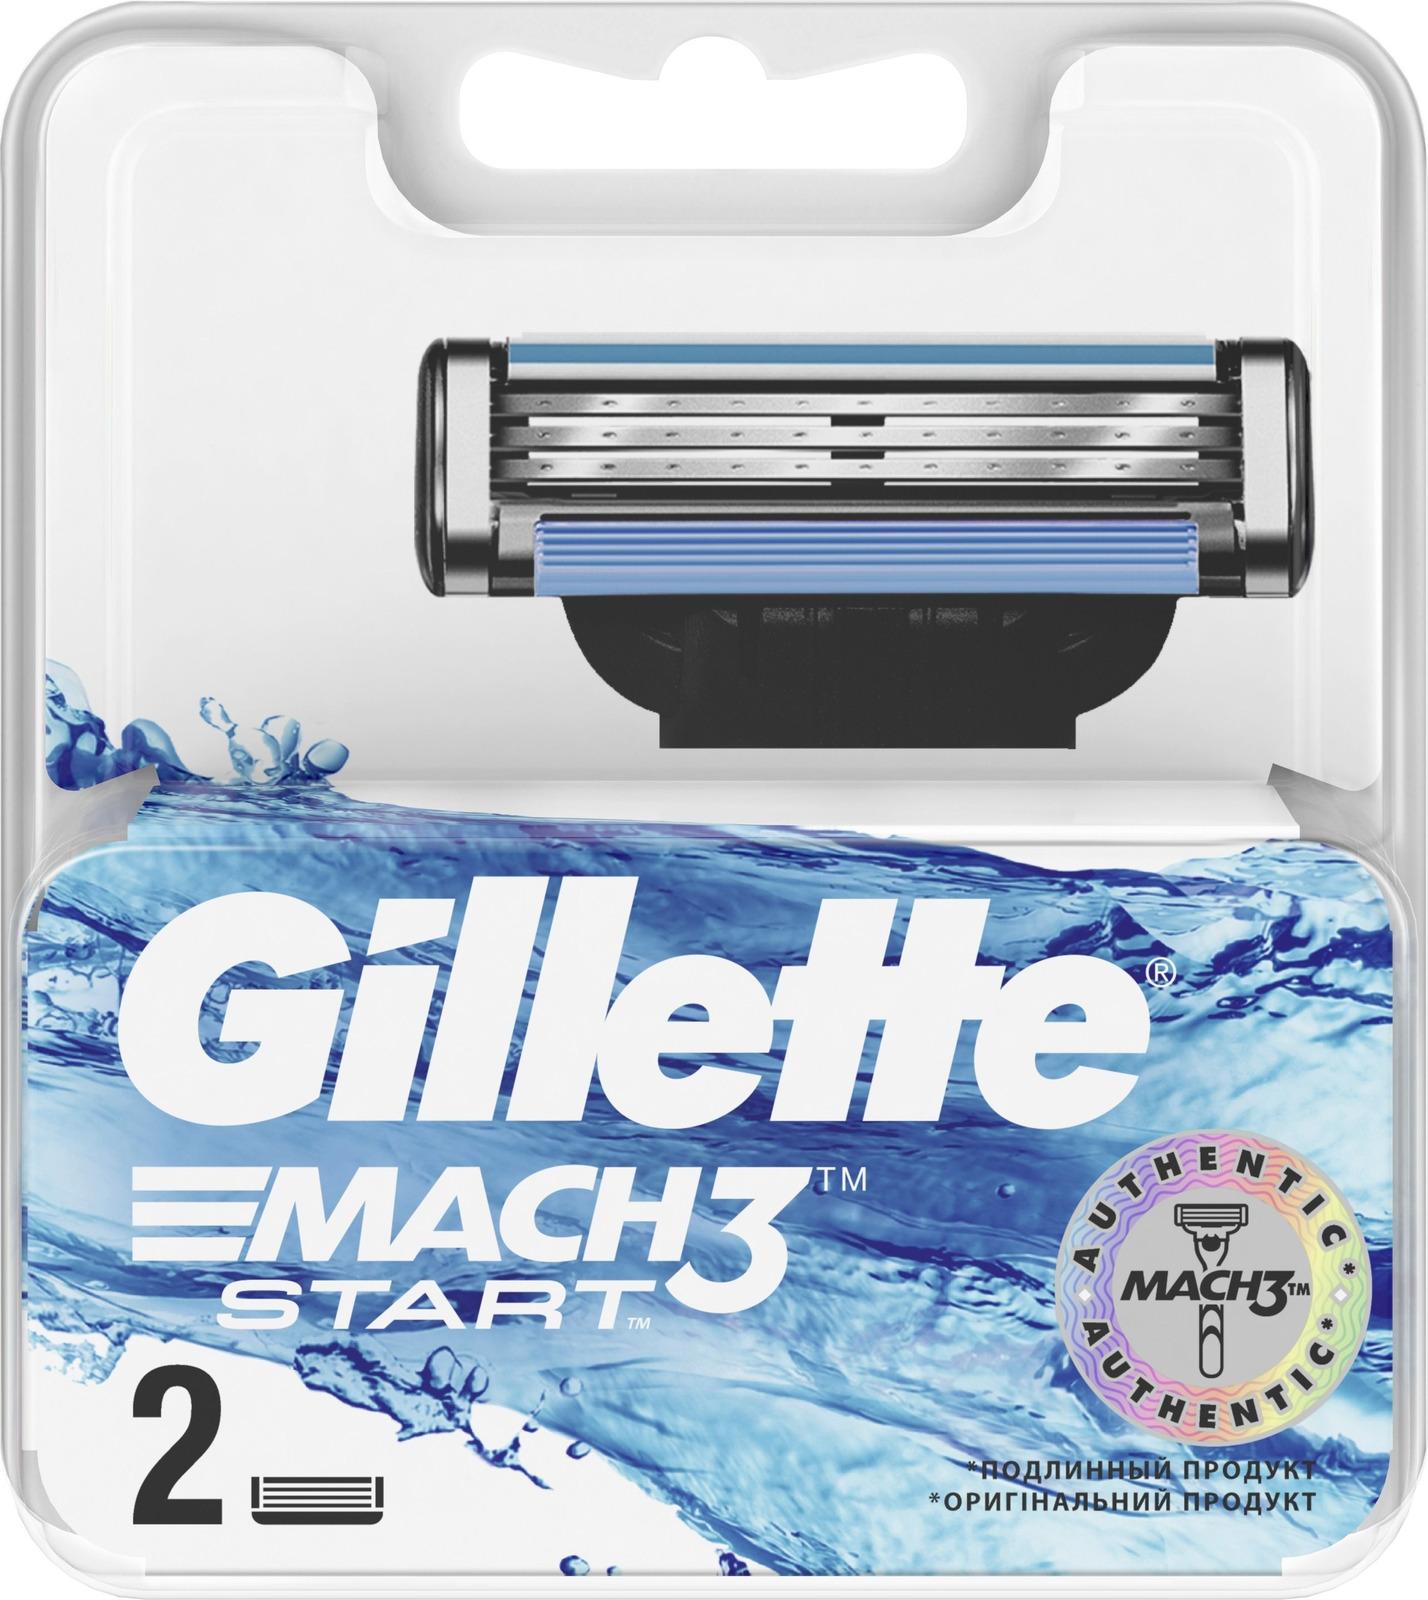 Сменные Кассеты Gillette Mach3 Start для мужской бритвы, 2 шт